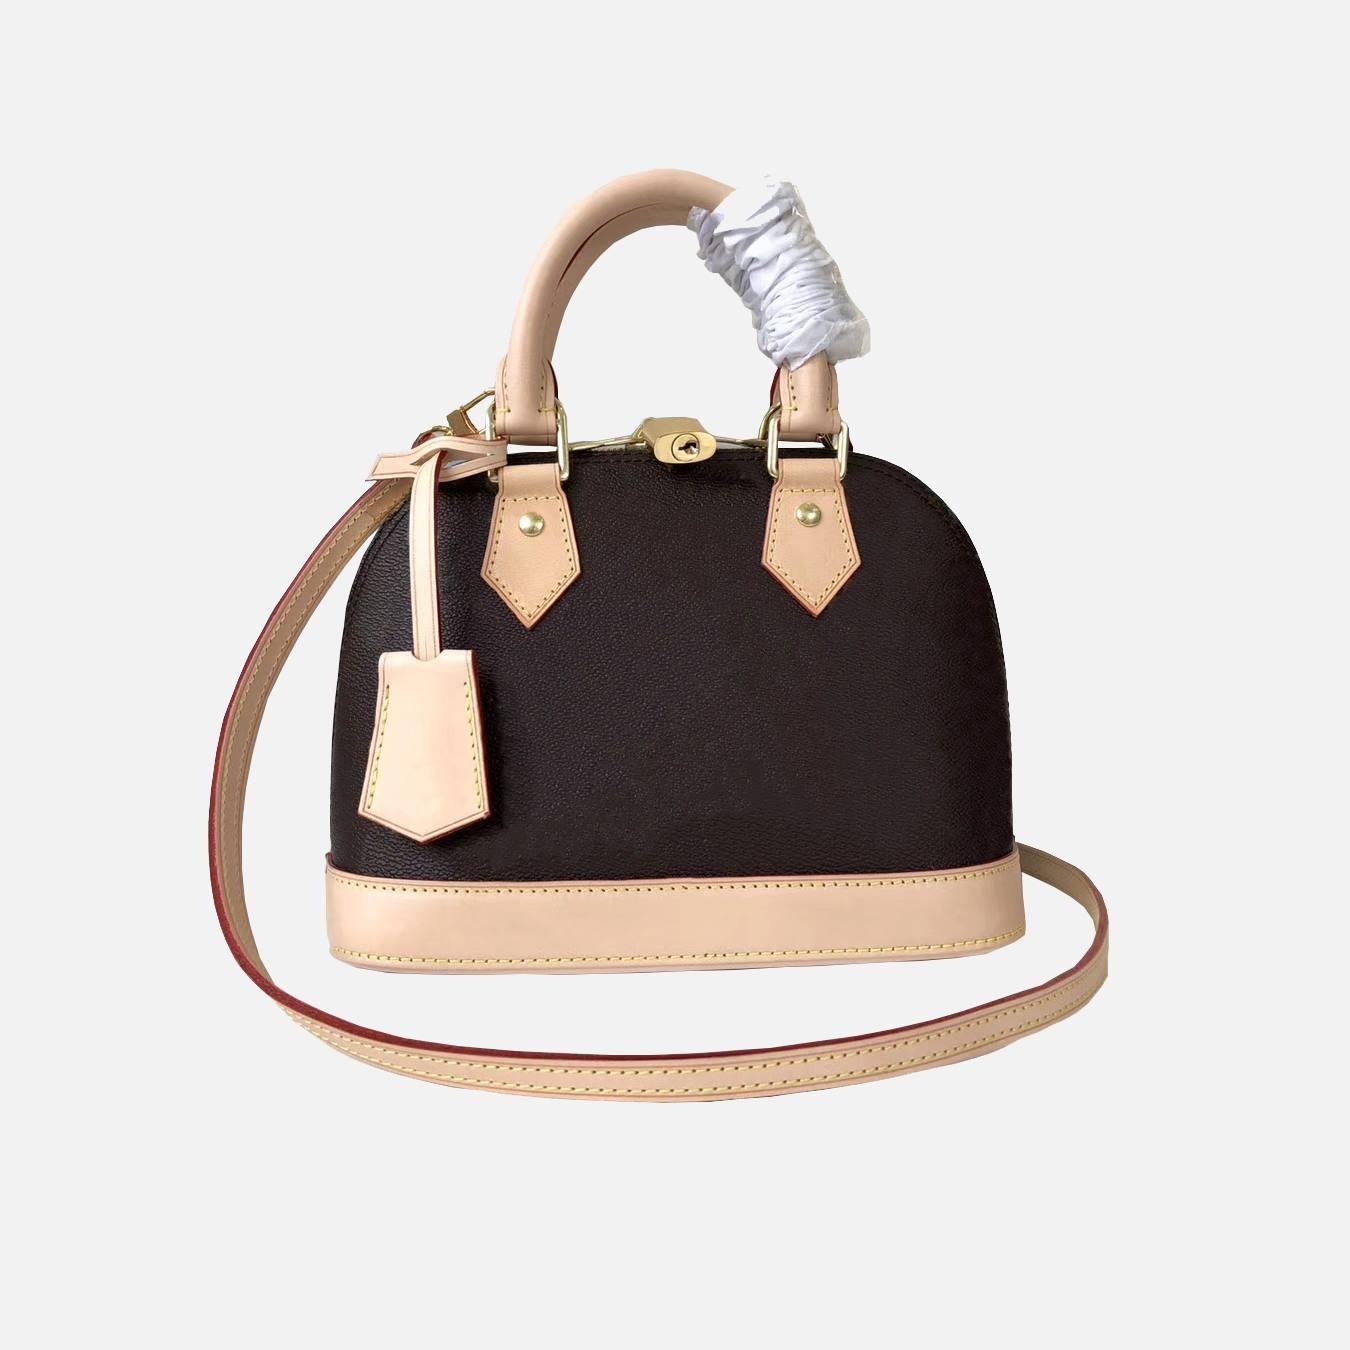 Klassischer Stil Designer Damenhandtasche ALMA BB-Schalentasche Griff nette Beutel Damier Ebene Umhängetasche Lackleder Umhängetasche